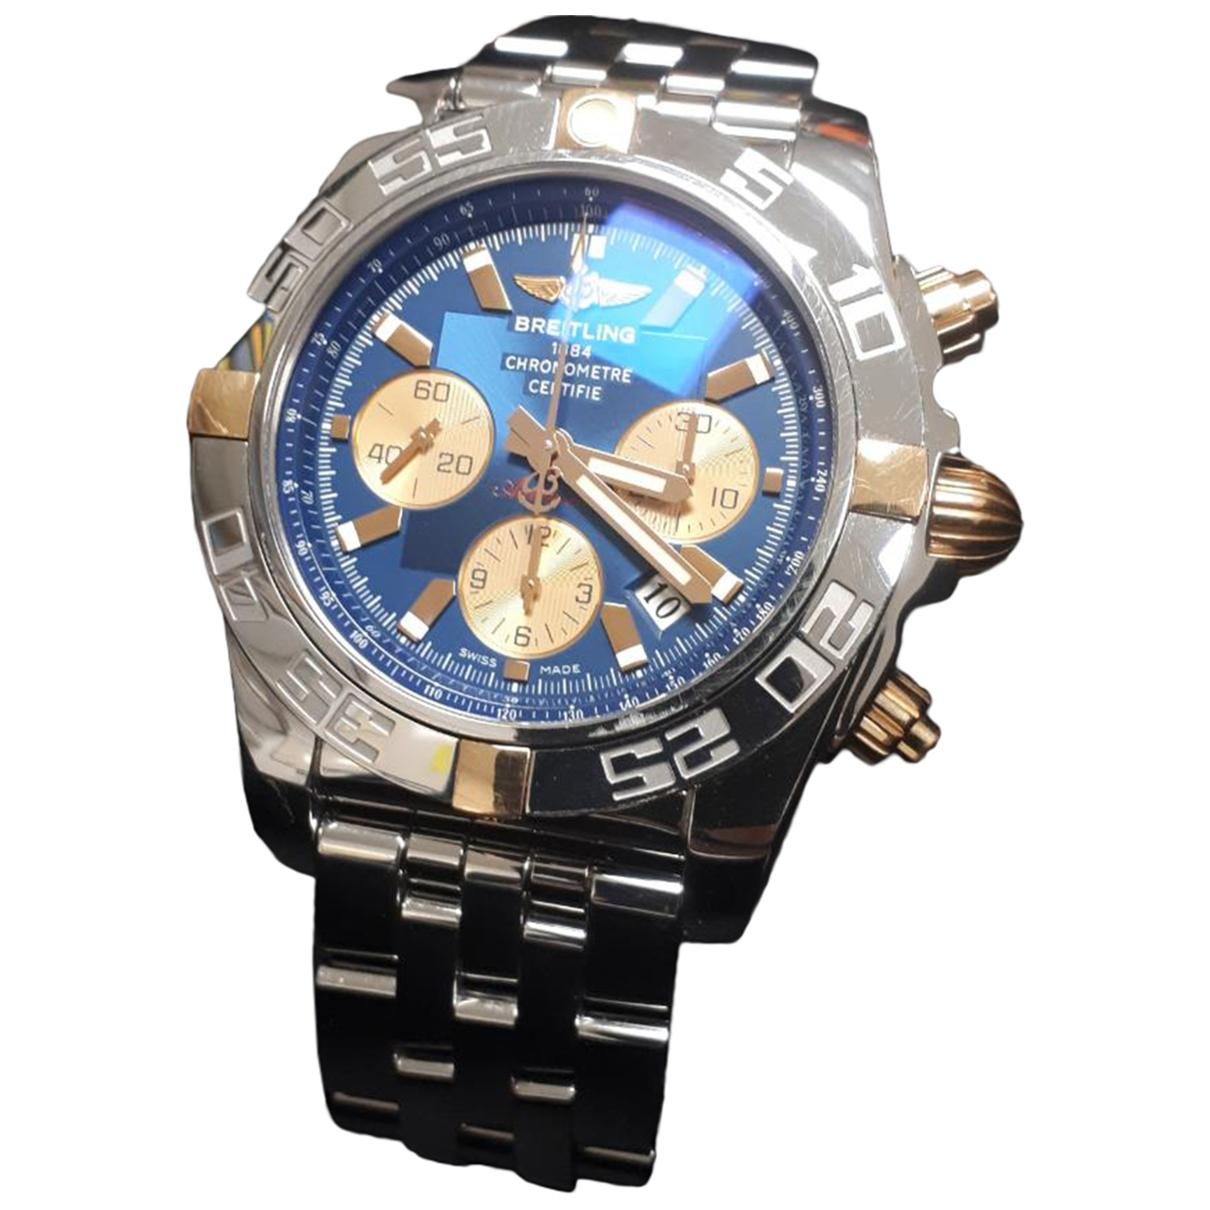 Breitling Chronomat Uhr in  Blau Stahl